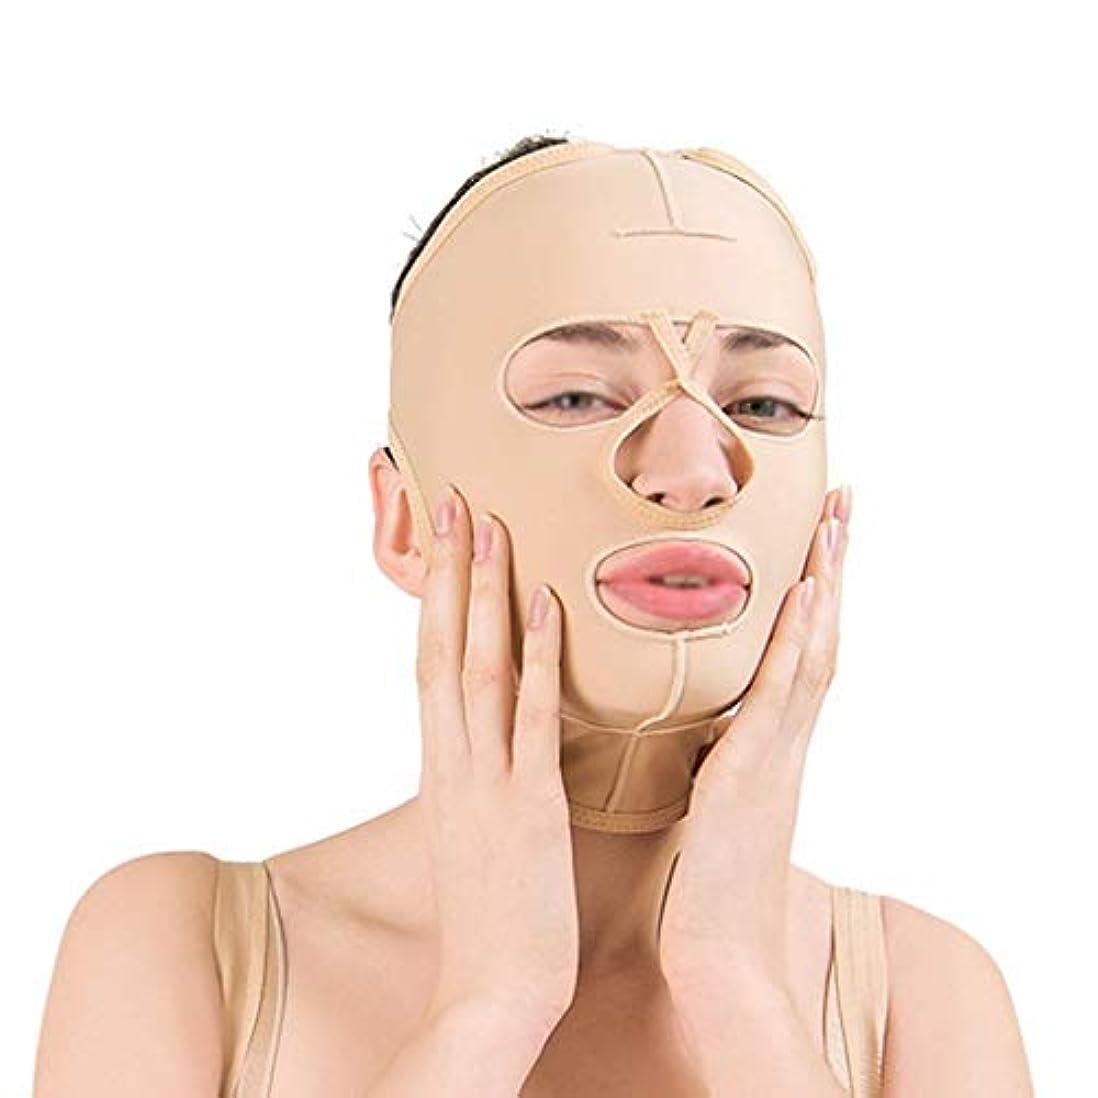 刻むロケットオークションフェイススリミングマスク、フェイスバンデージ付きフェイシャル減量マスク、通気性フェイスリフト、引き締め、フェイスリフティング(サイズ:L),M